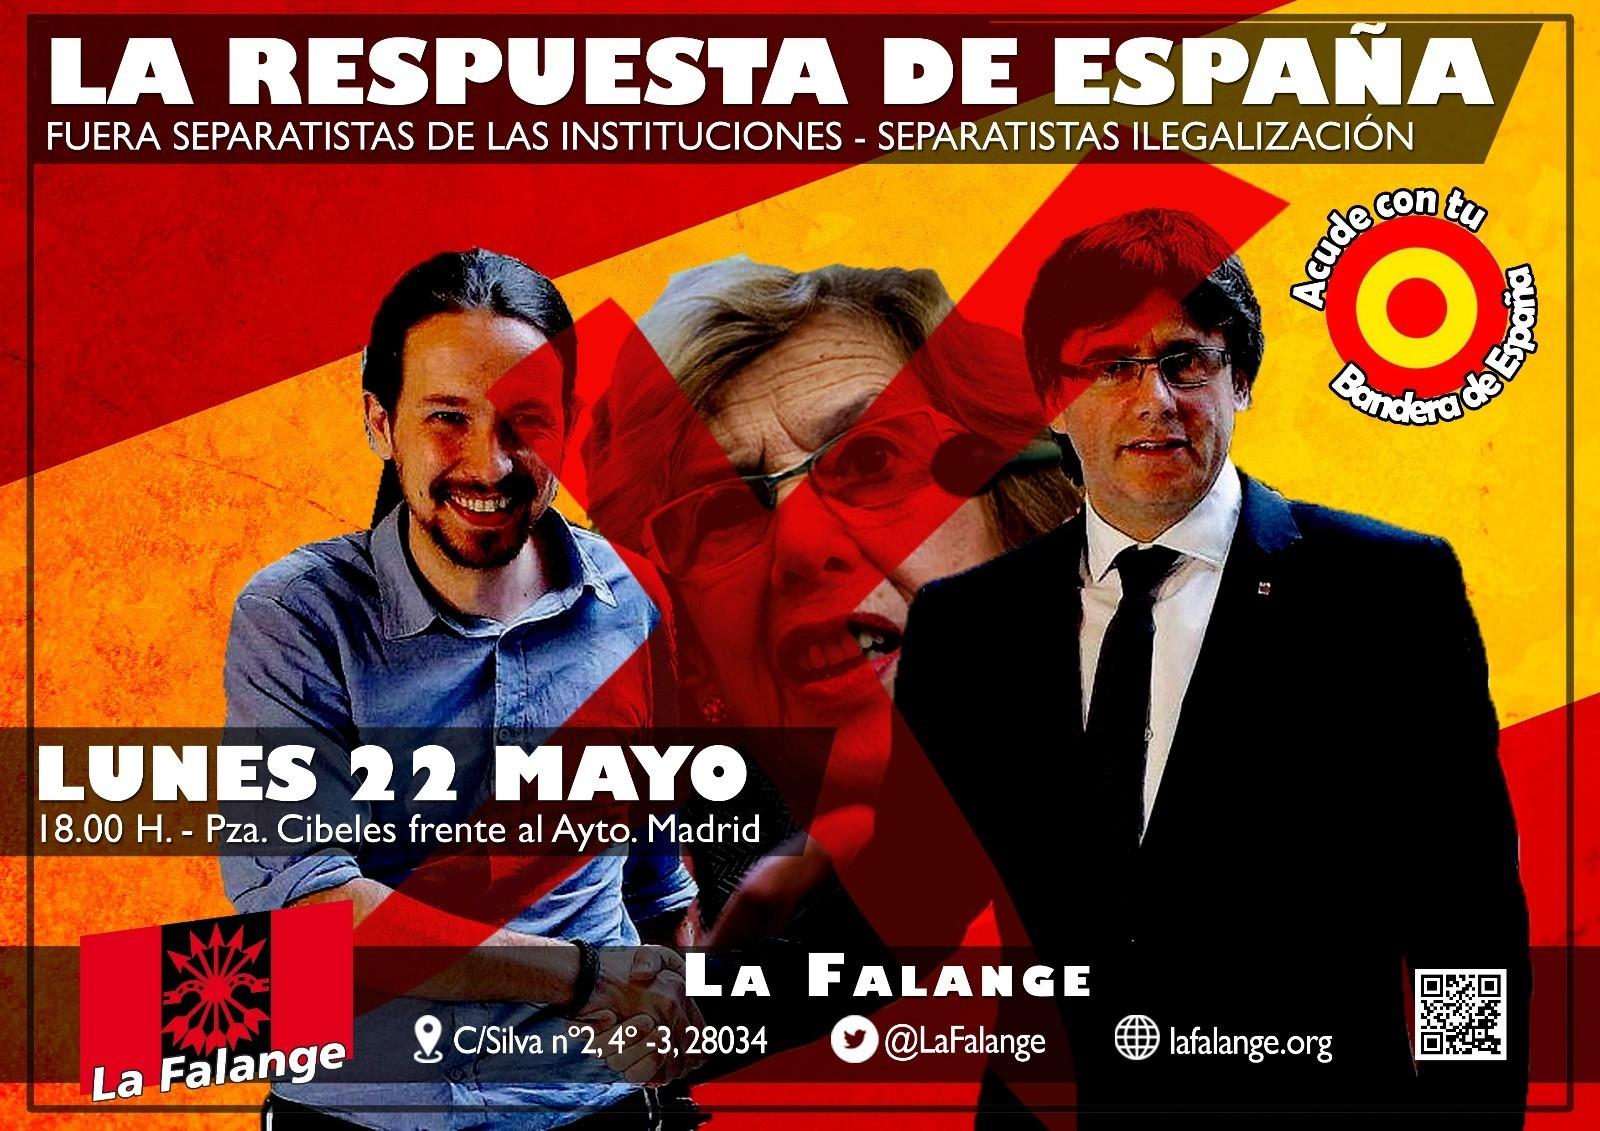 El próximo 22 de Mayo, La Falange acudirá al Ayuntamiento de Madrid a mostrar su rechazo a Puigdemont, Junqueras y Pablo Iglesias.